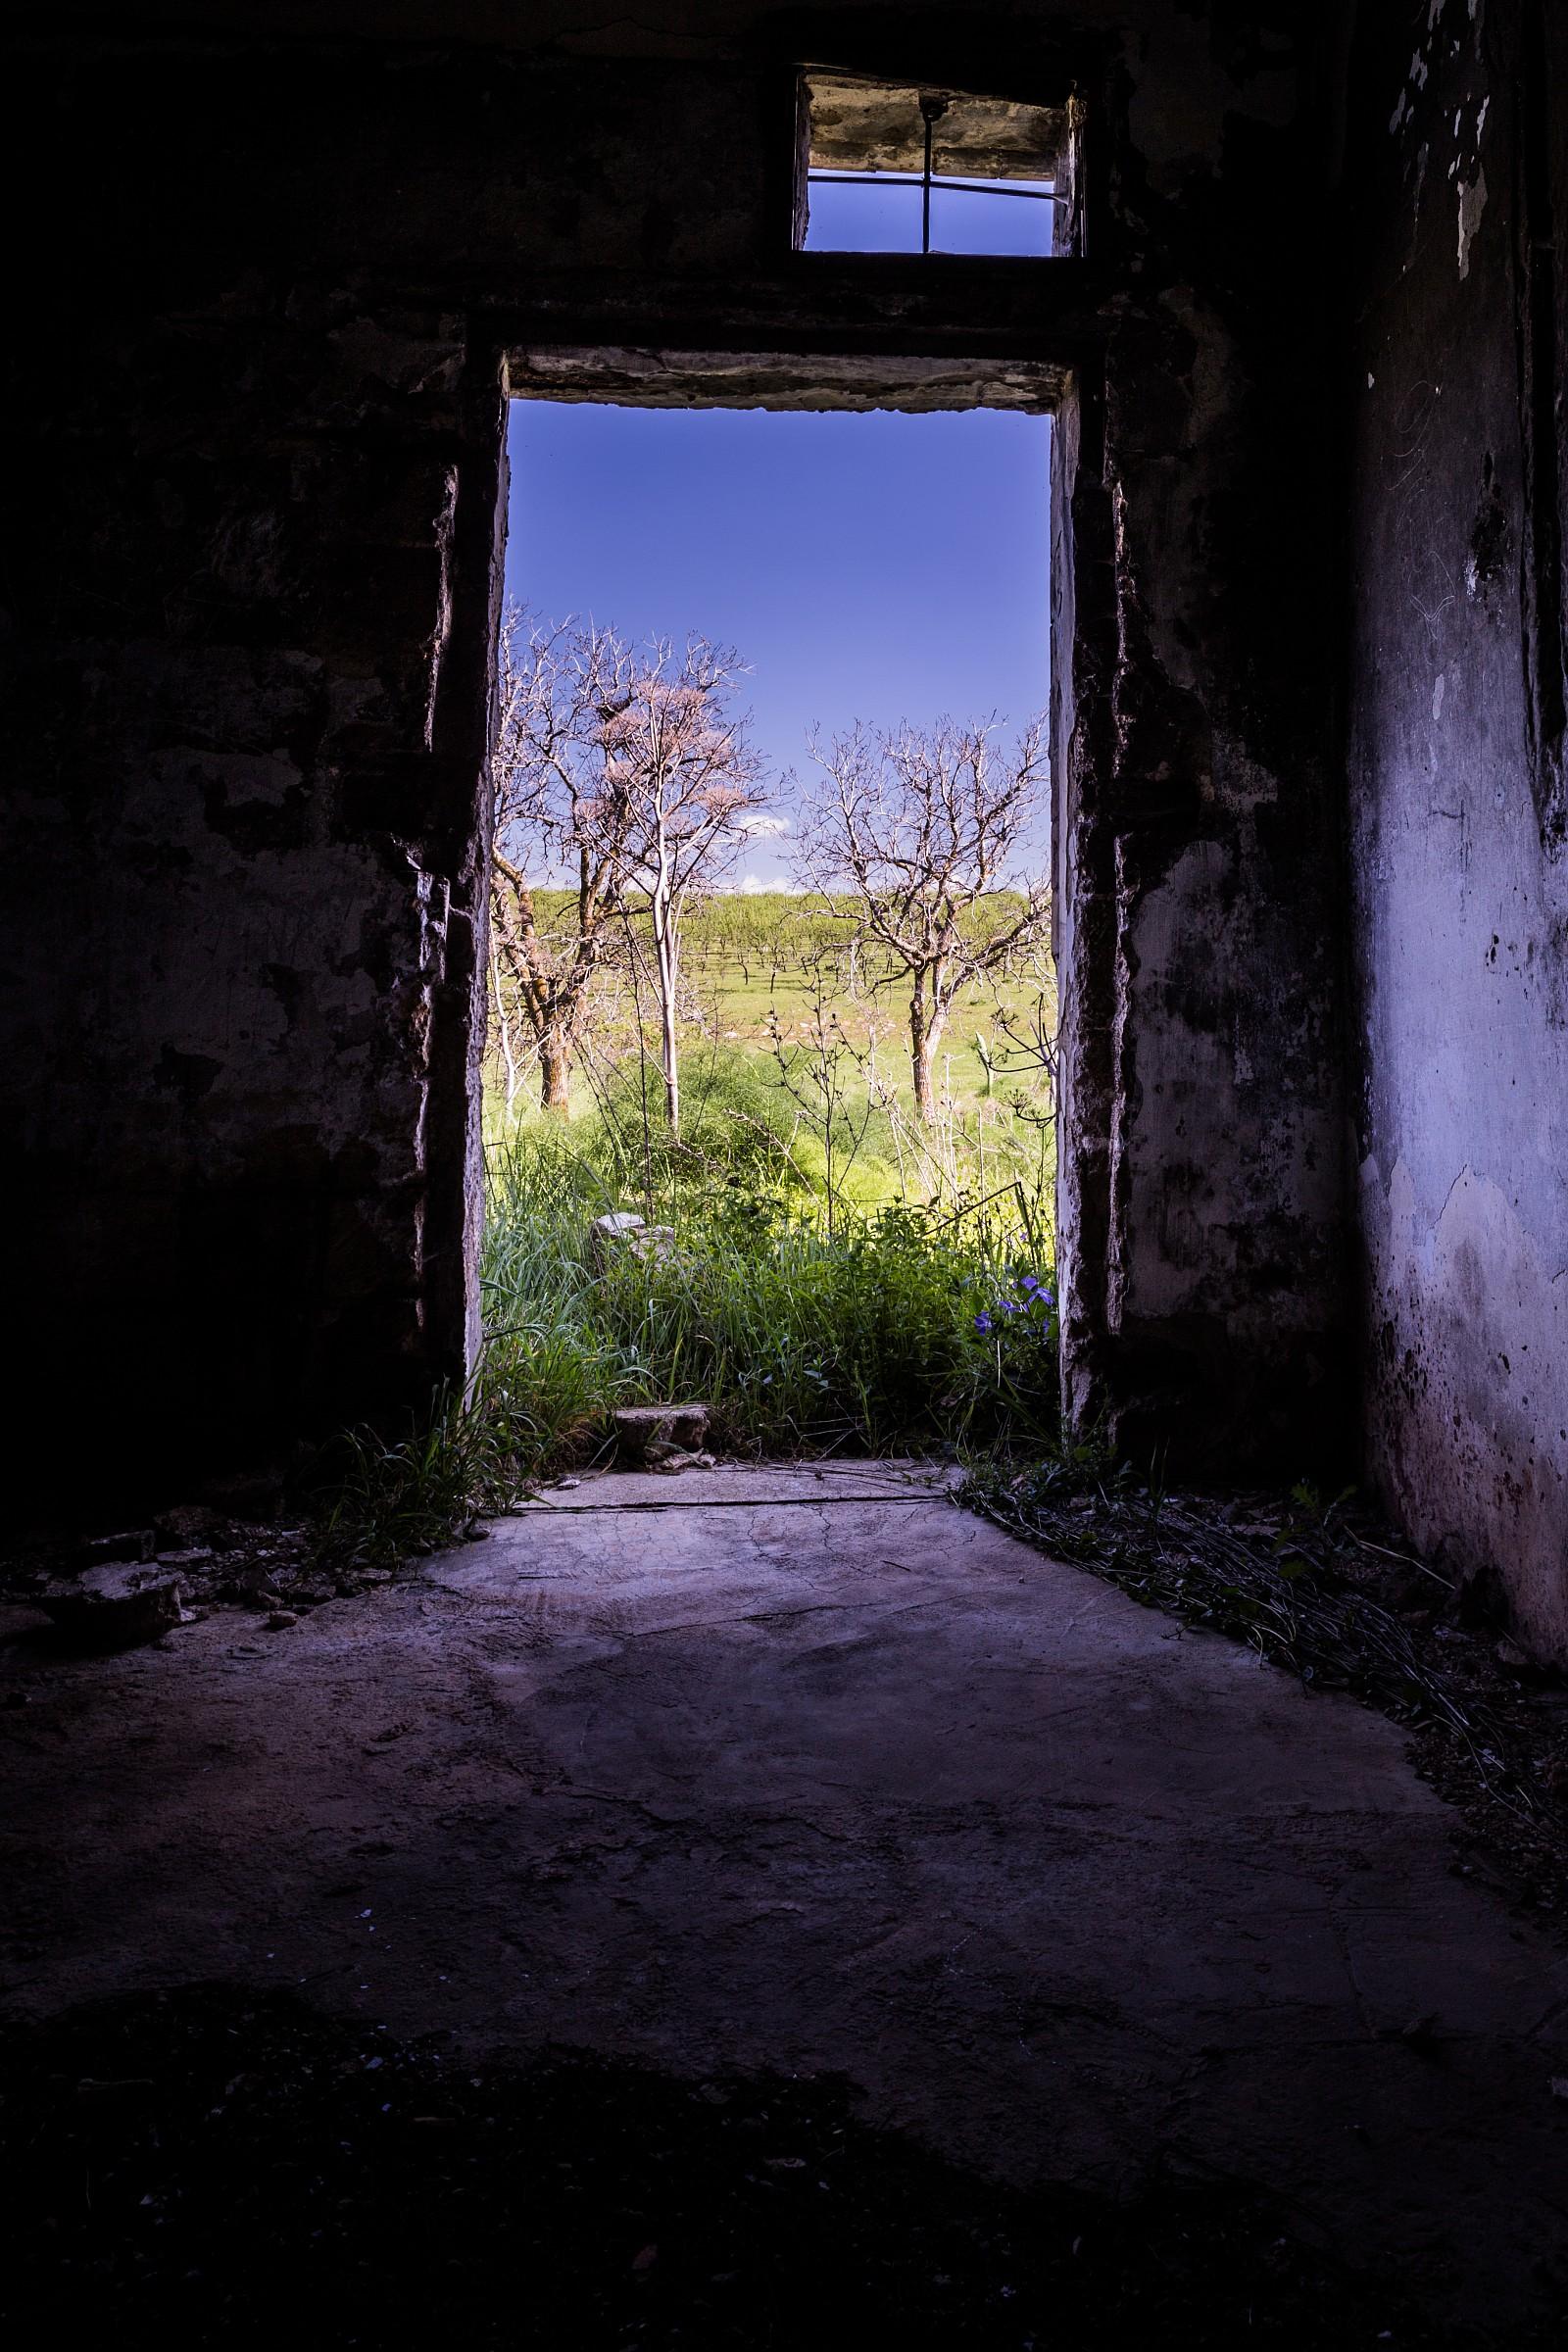 ...aprite quella porta...